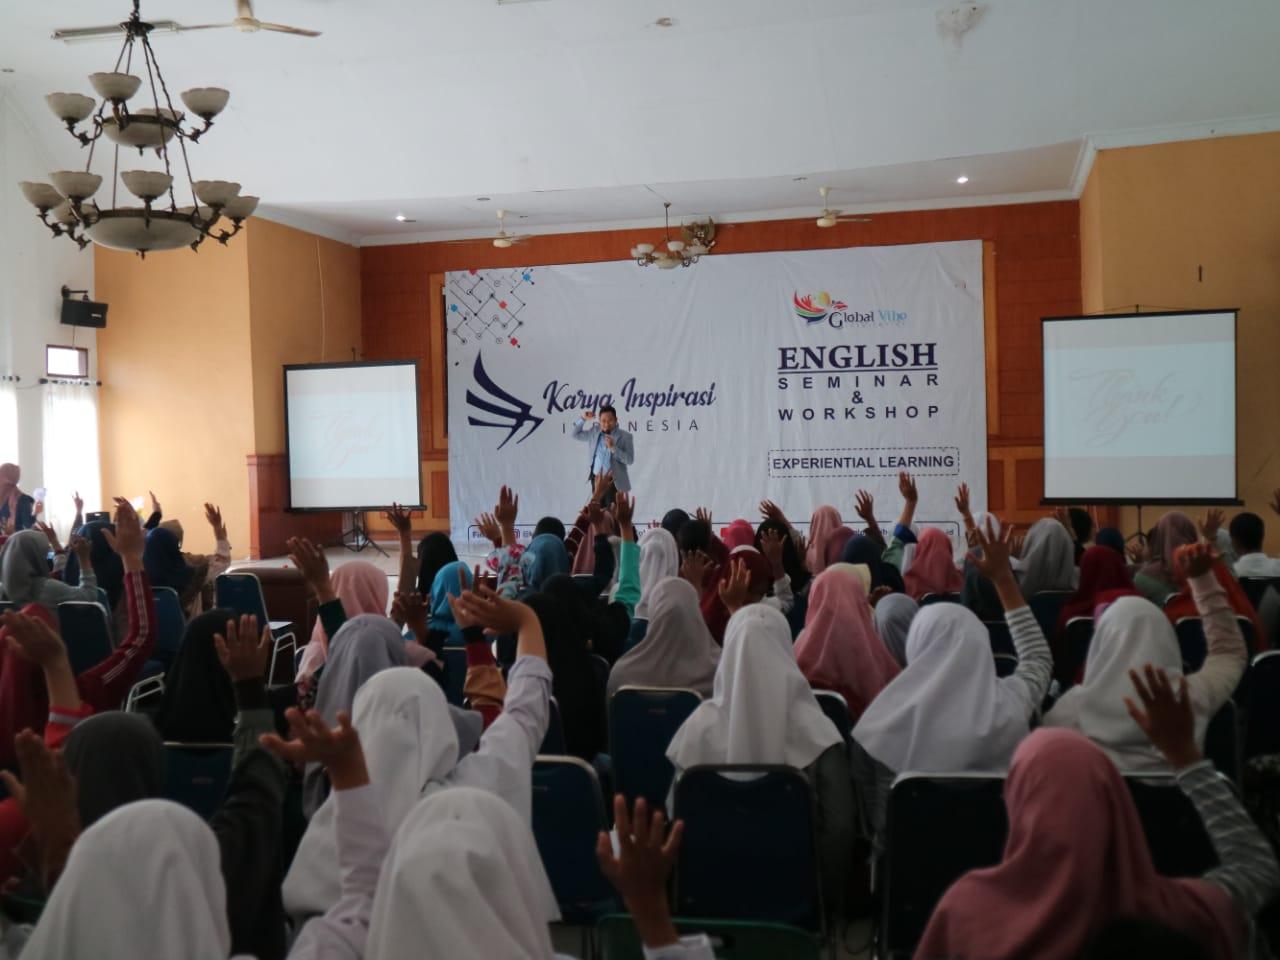 Karya Inspirasi Indonesia Sukses Gelar Seminar Bahasa Inggris di Stabat